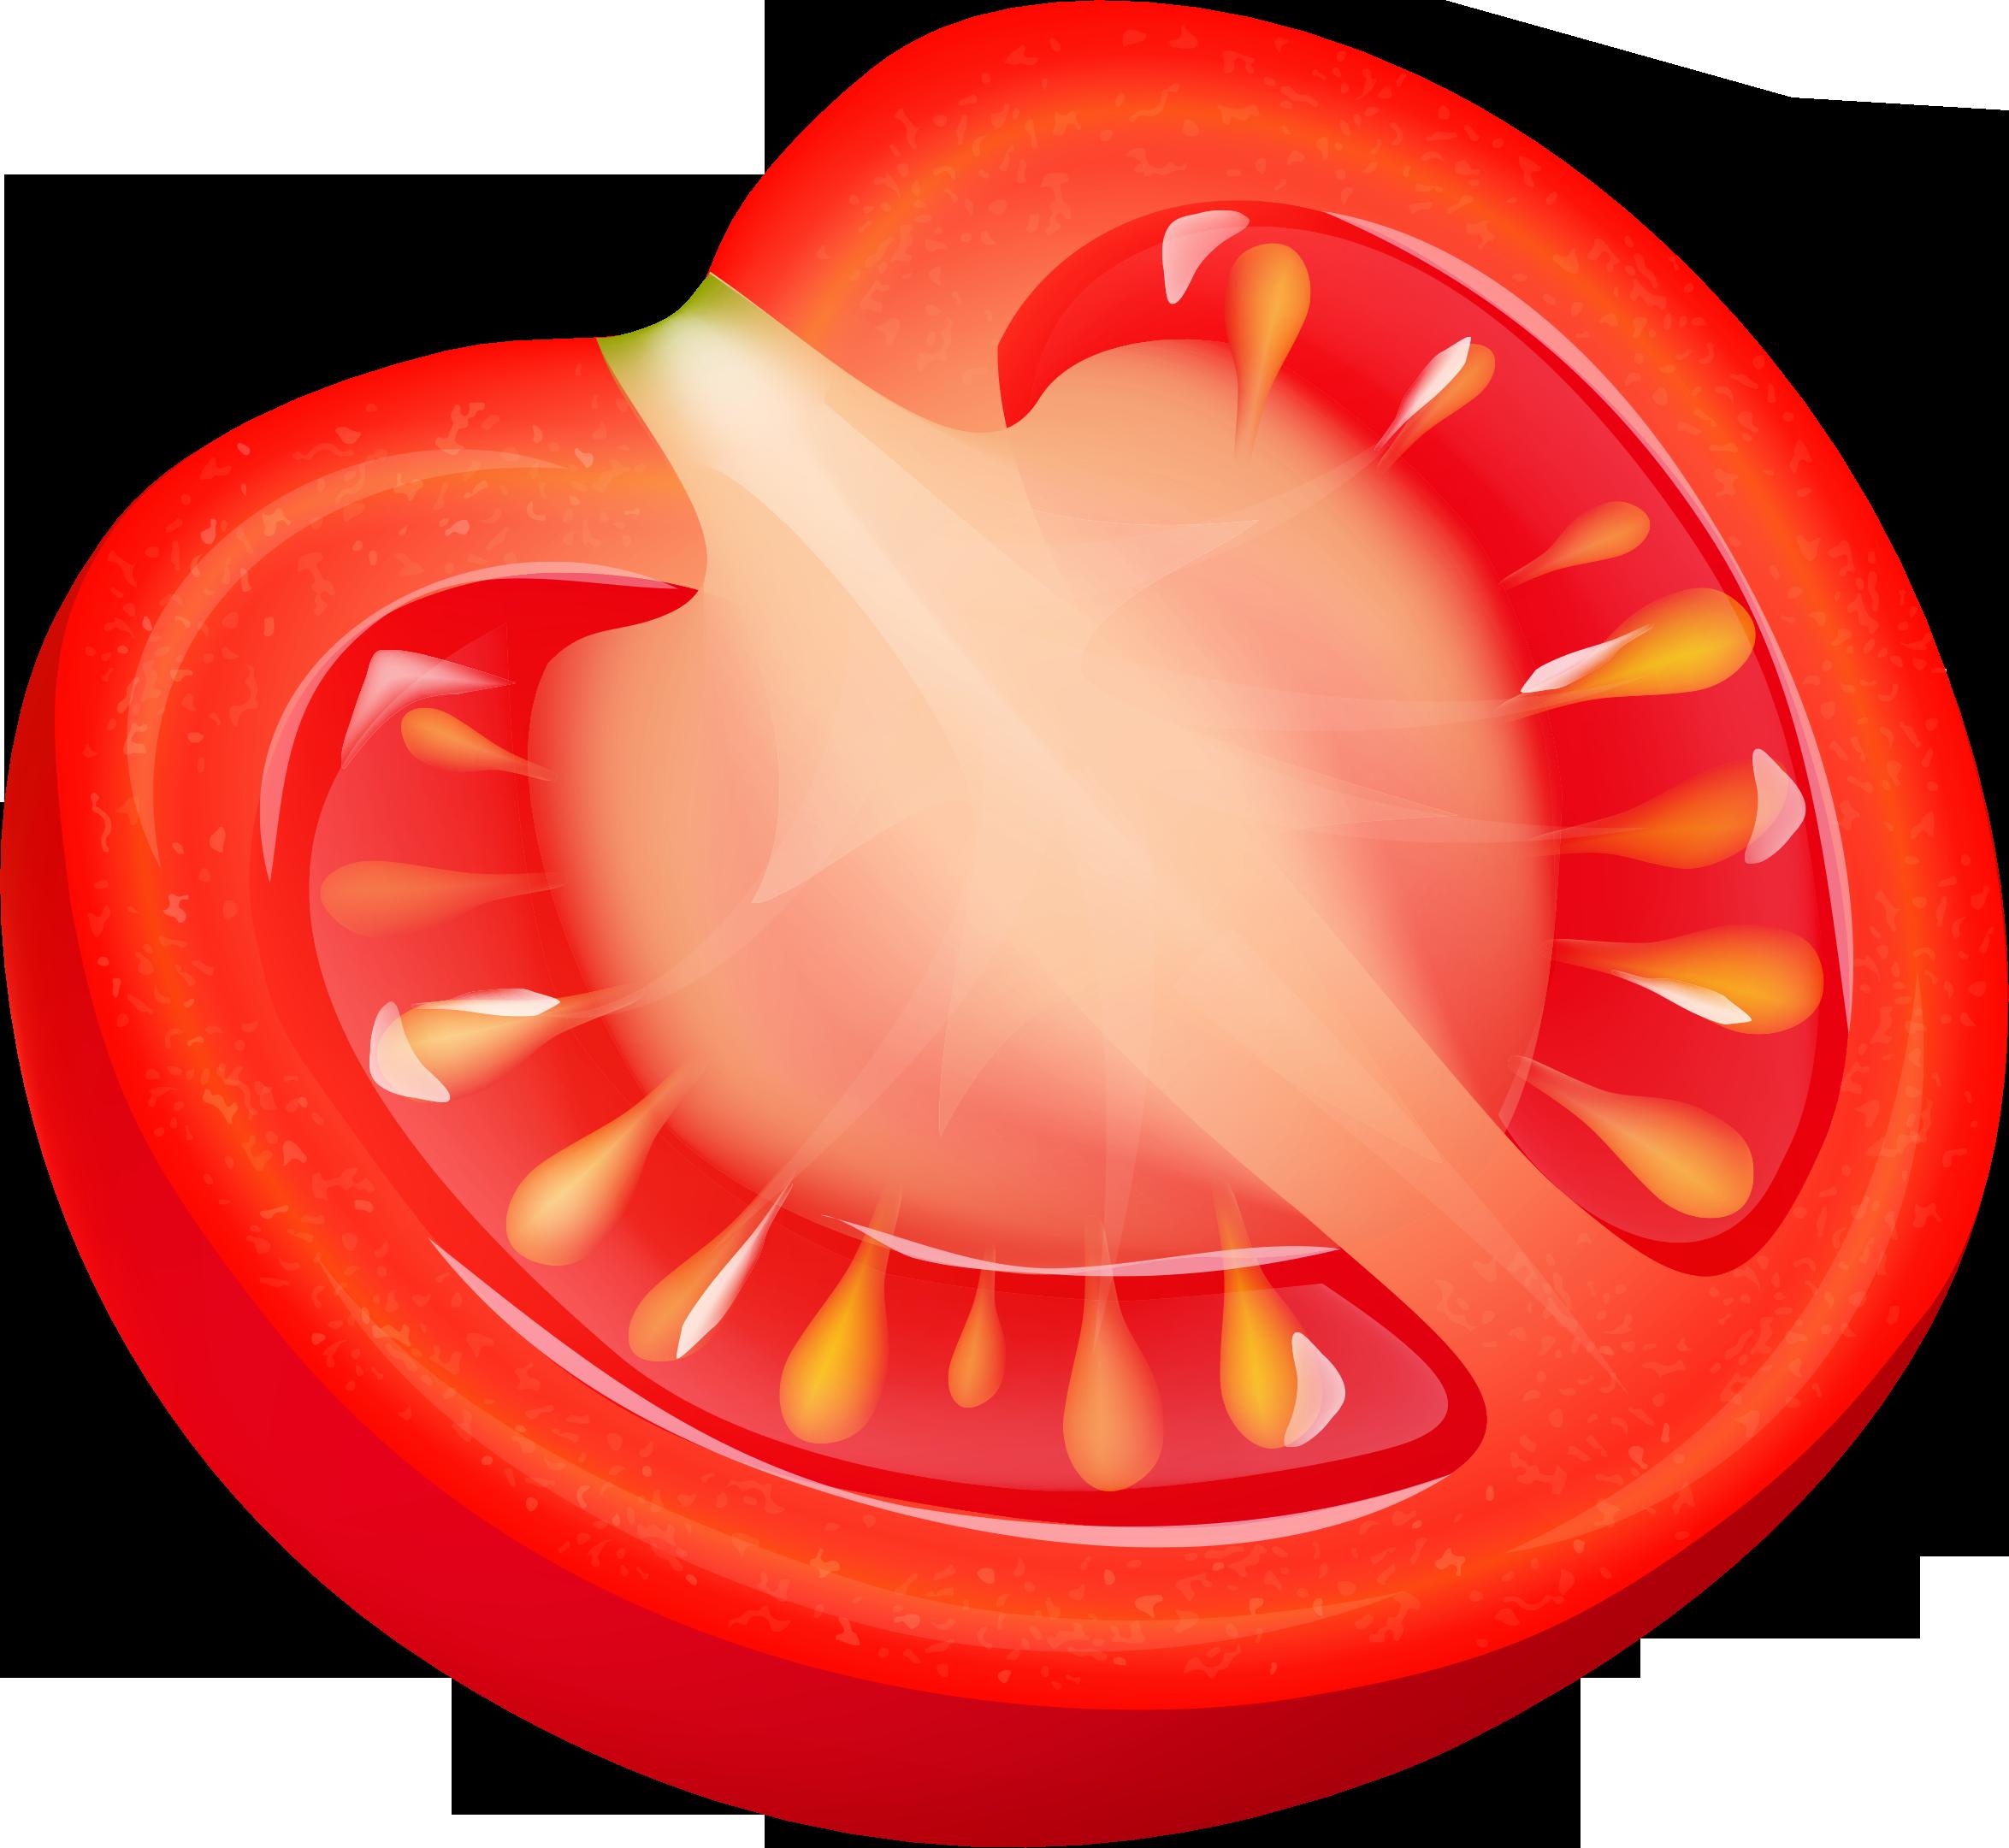 Pice clipart tomato Images — Tomato Slice Clipart